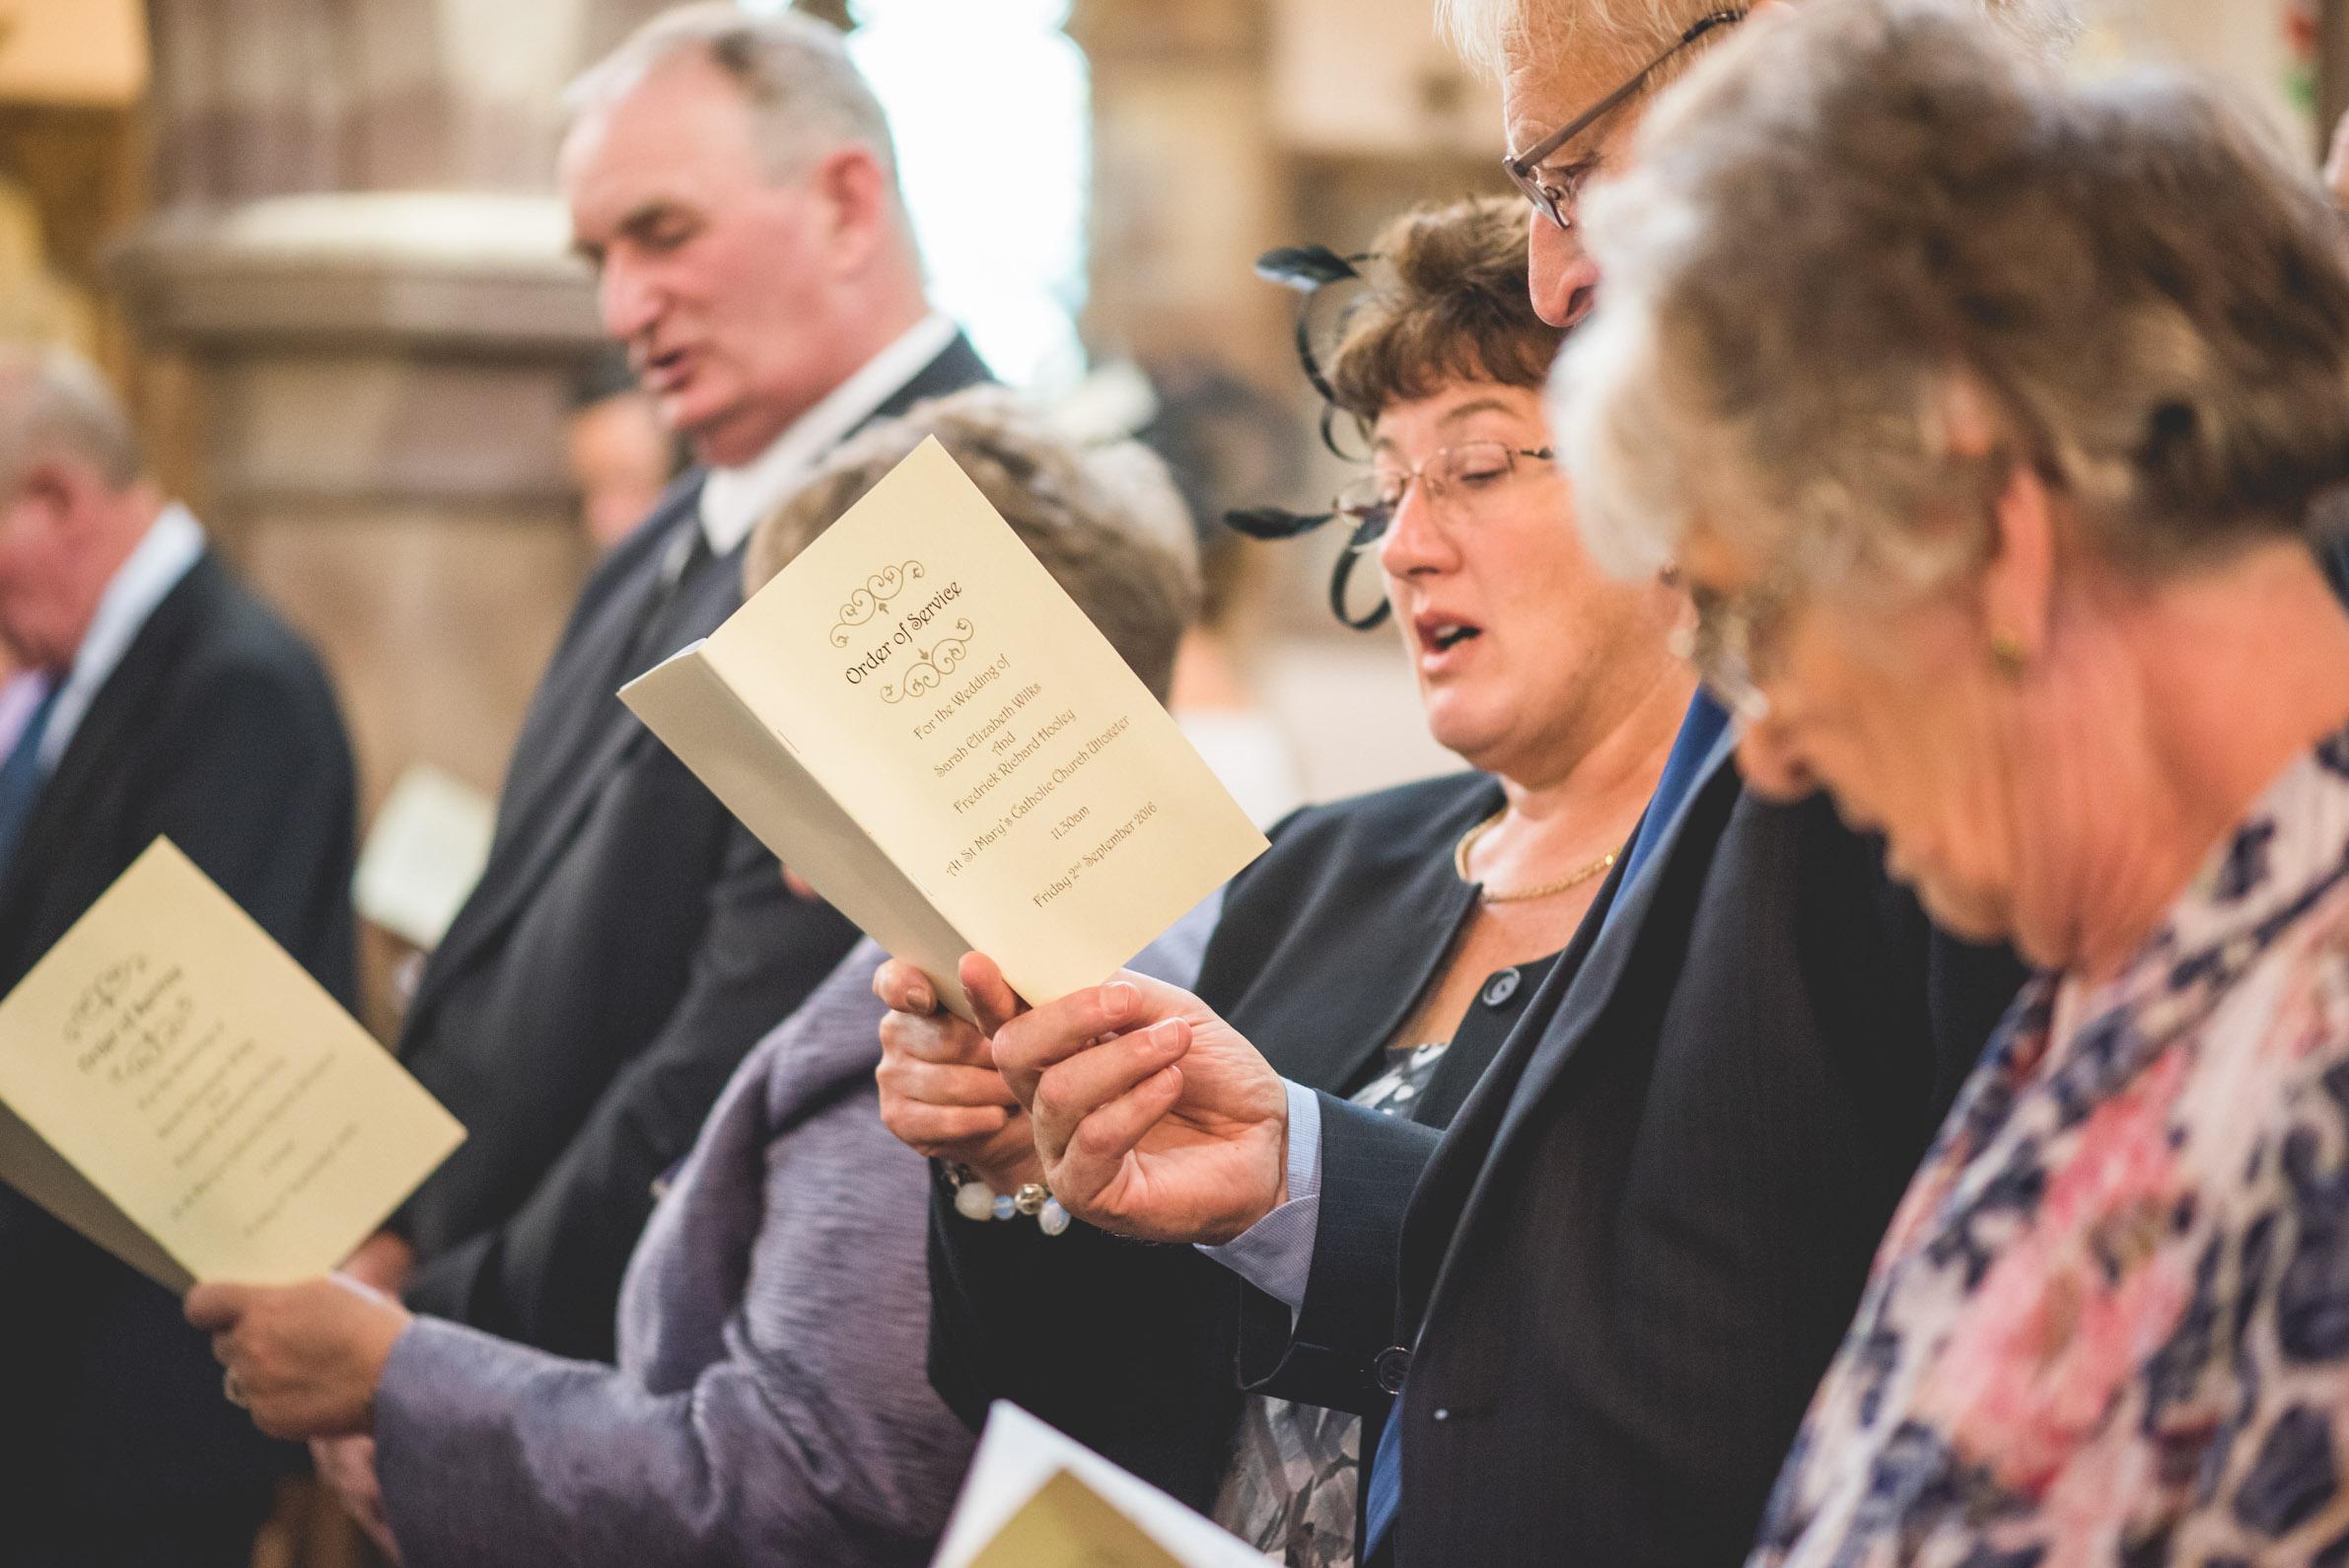 Farm-wedding-staffordshire-st-marys-catholic-church-uttoxter-26.jpg